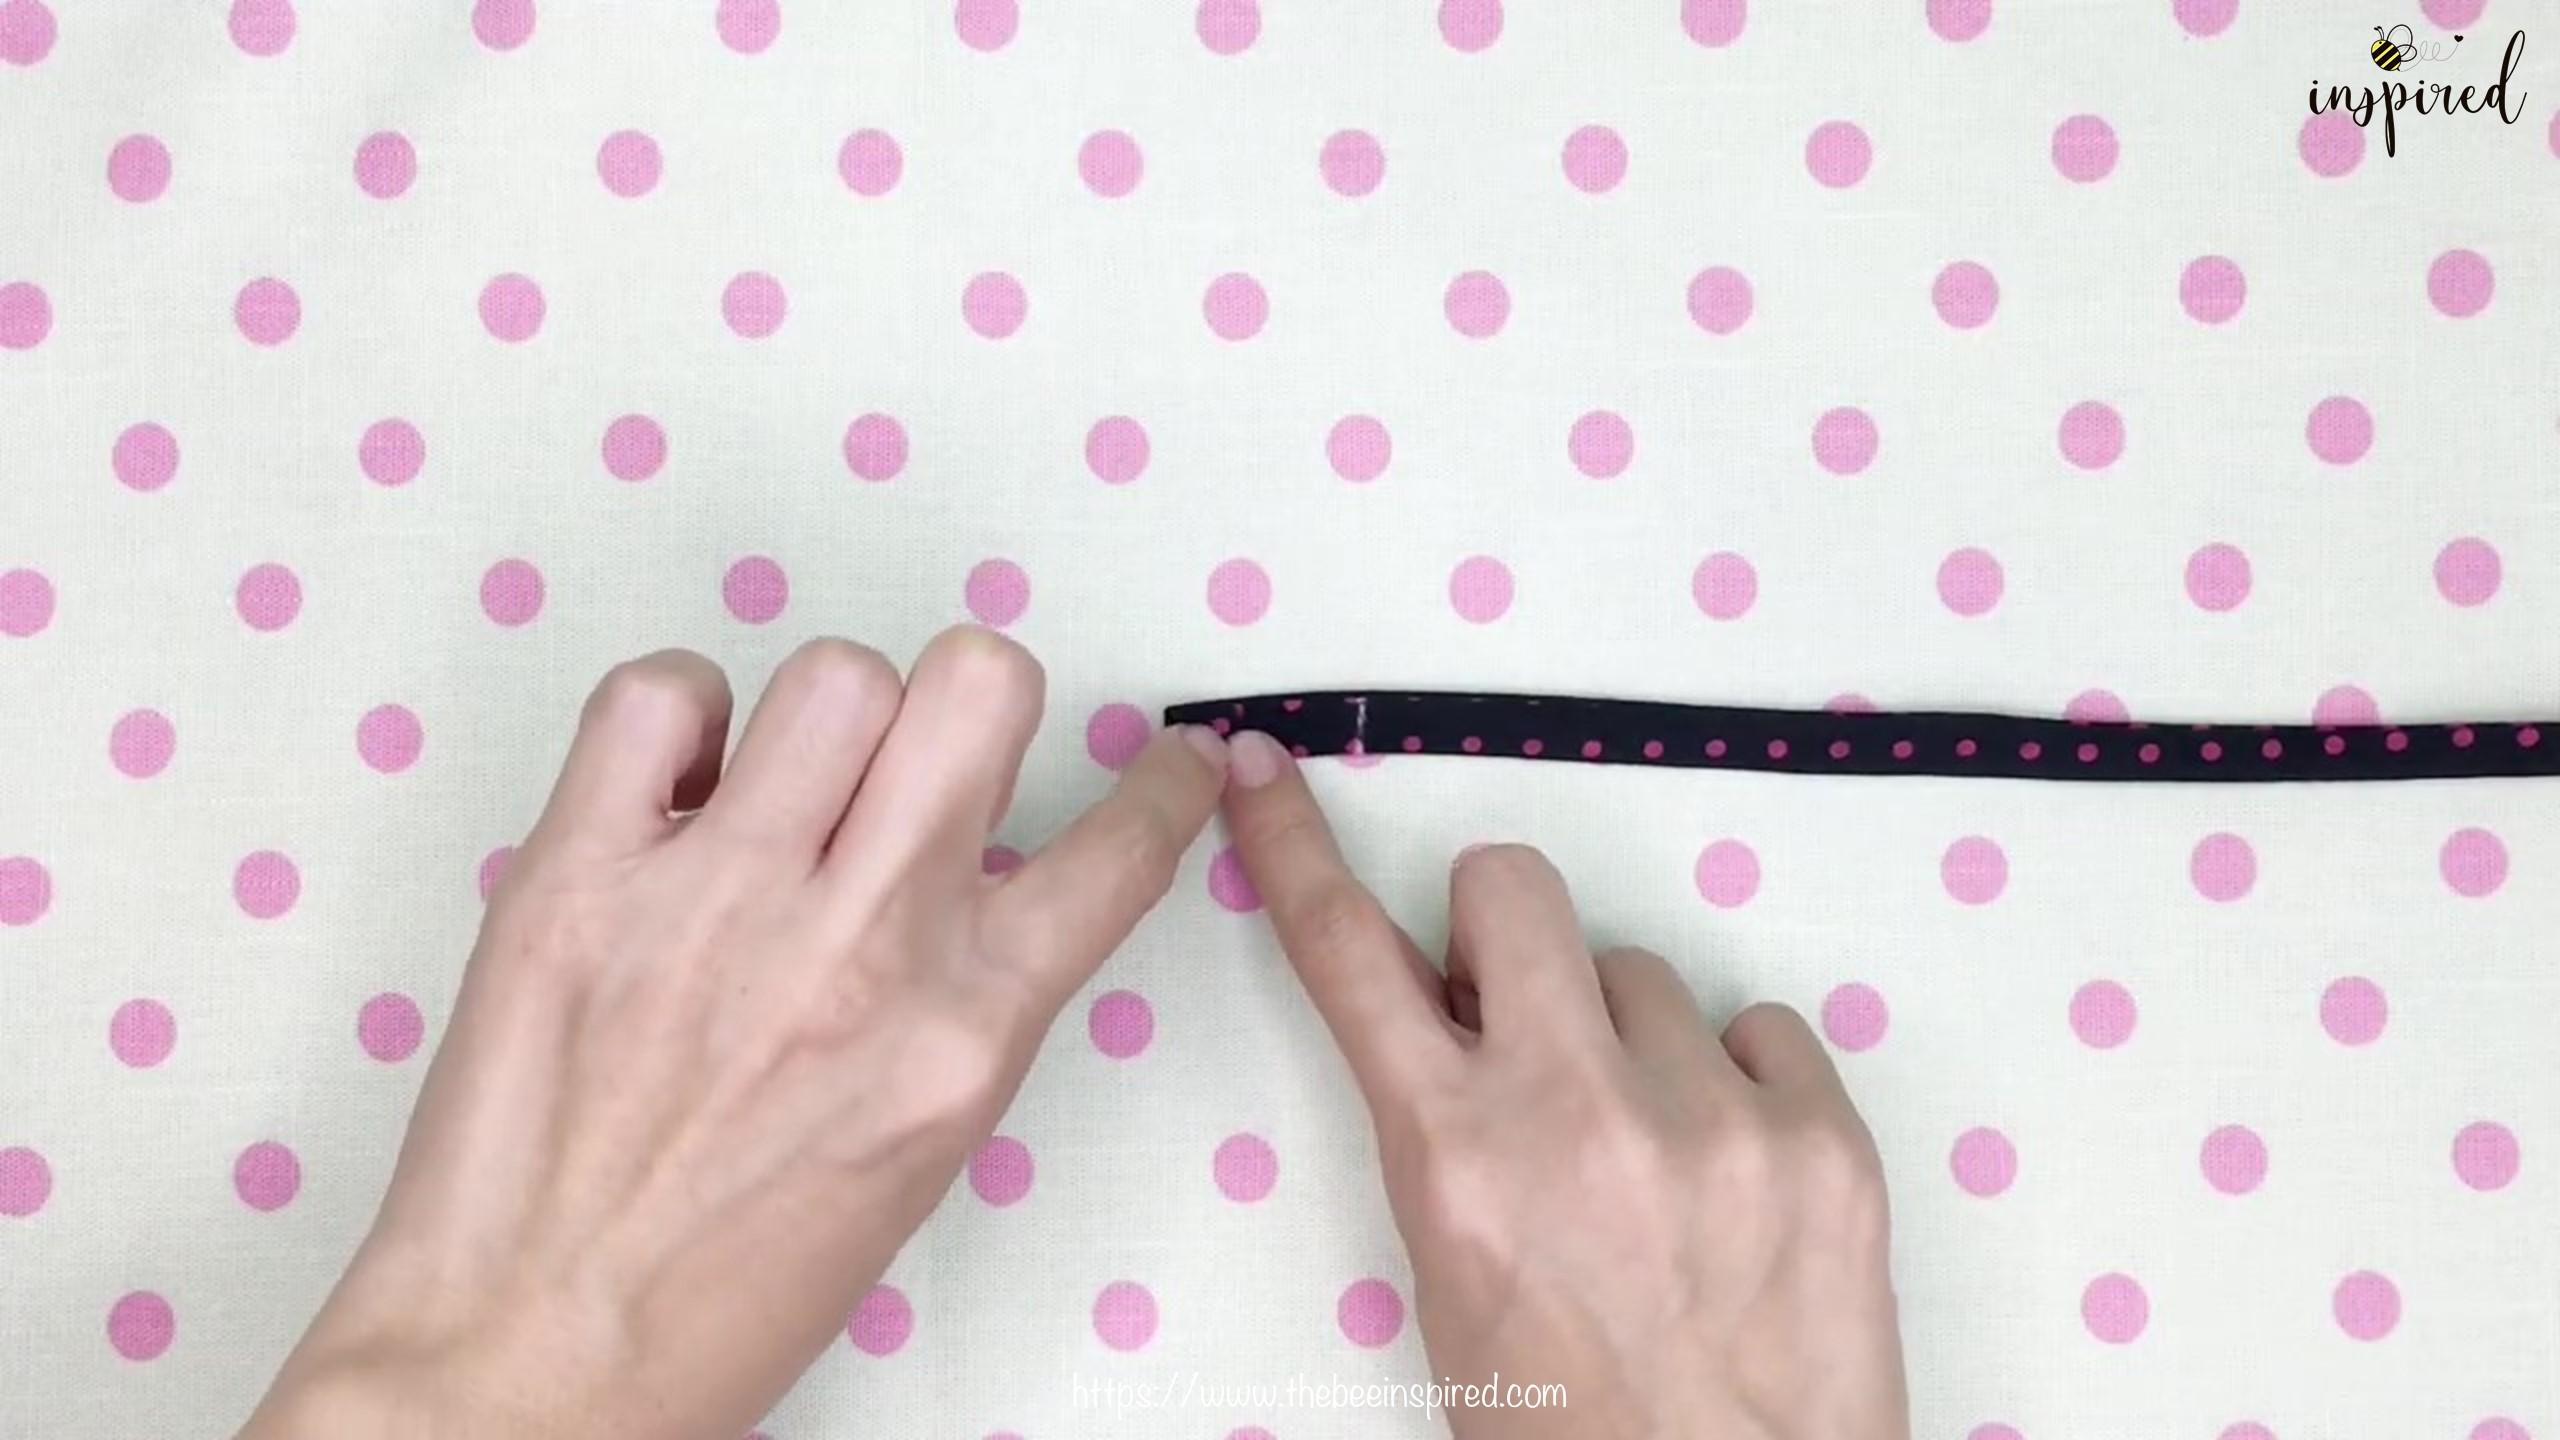 DIY สายคล้องแมสด้วยผ้าราคา 0 บาท _ How to Make Fabric Mask Strap with zero budget!_9